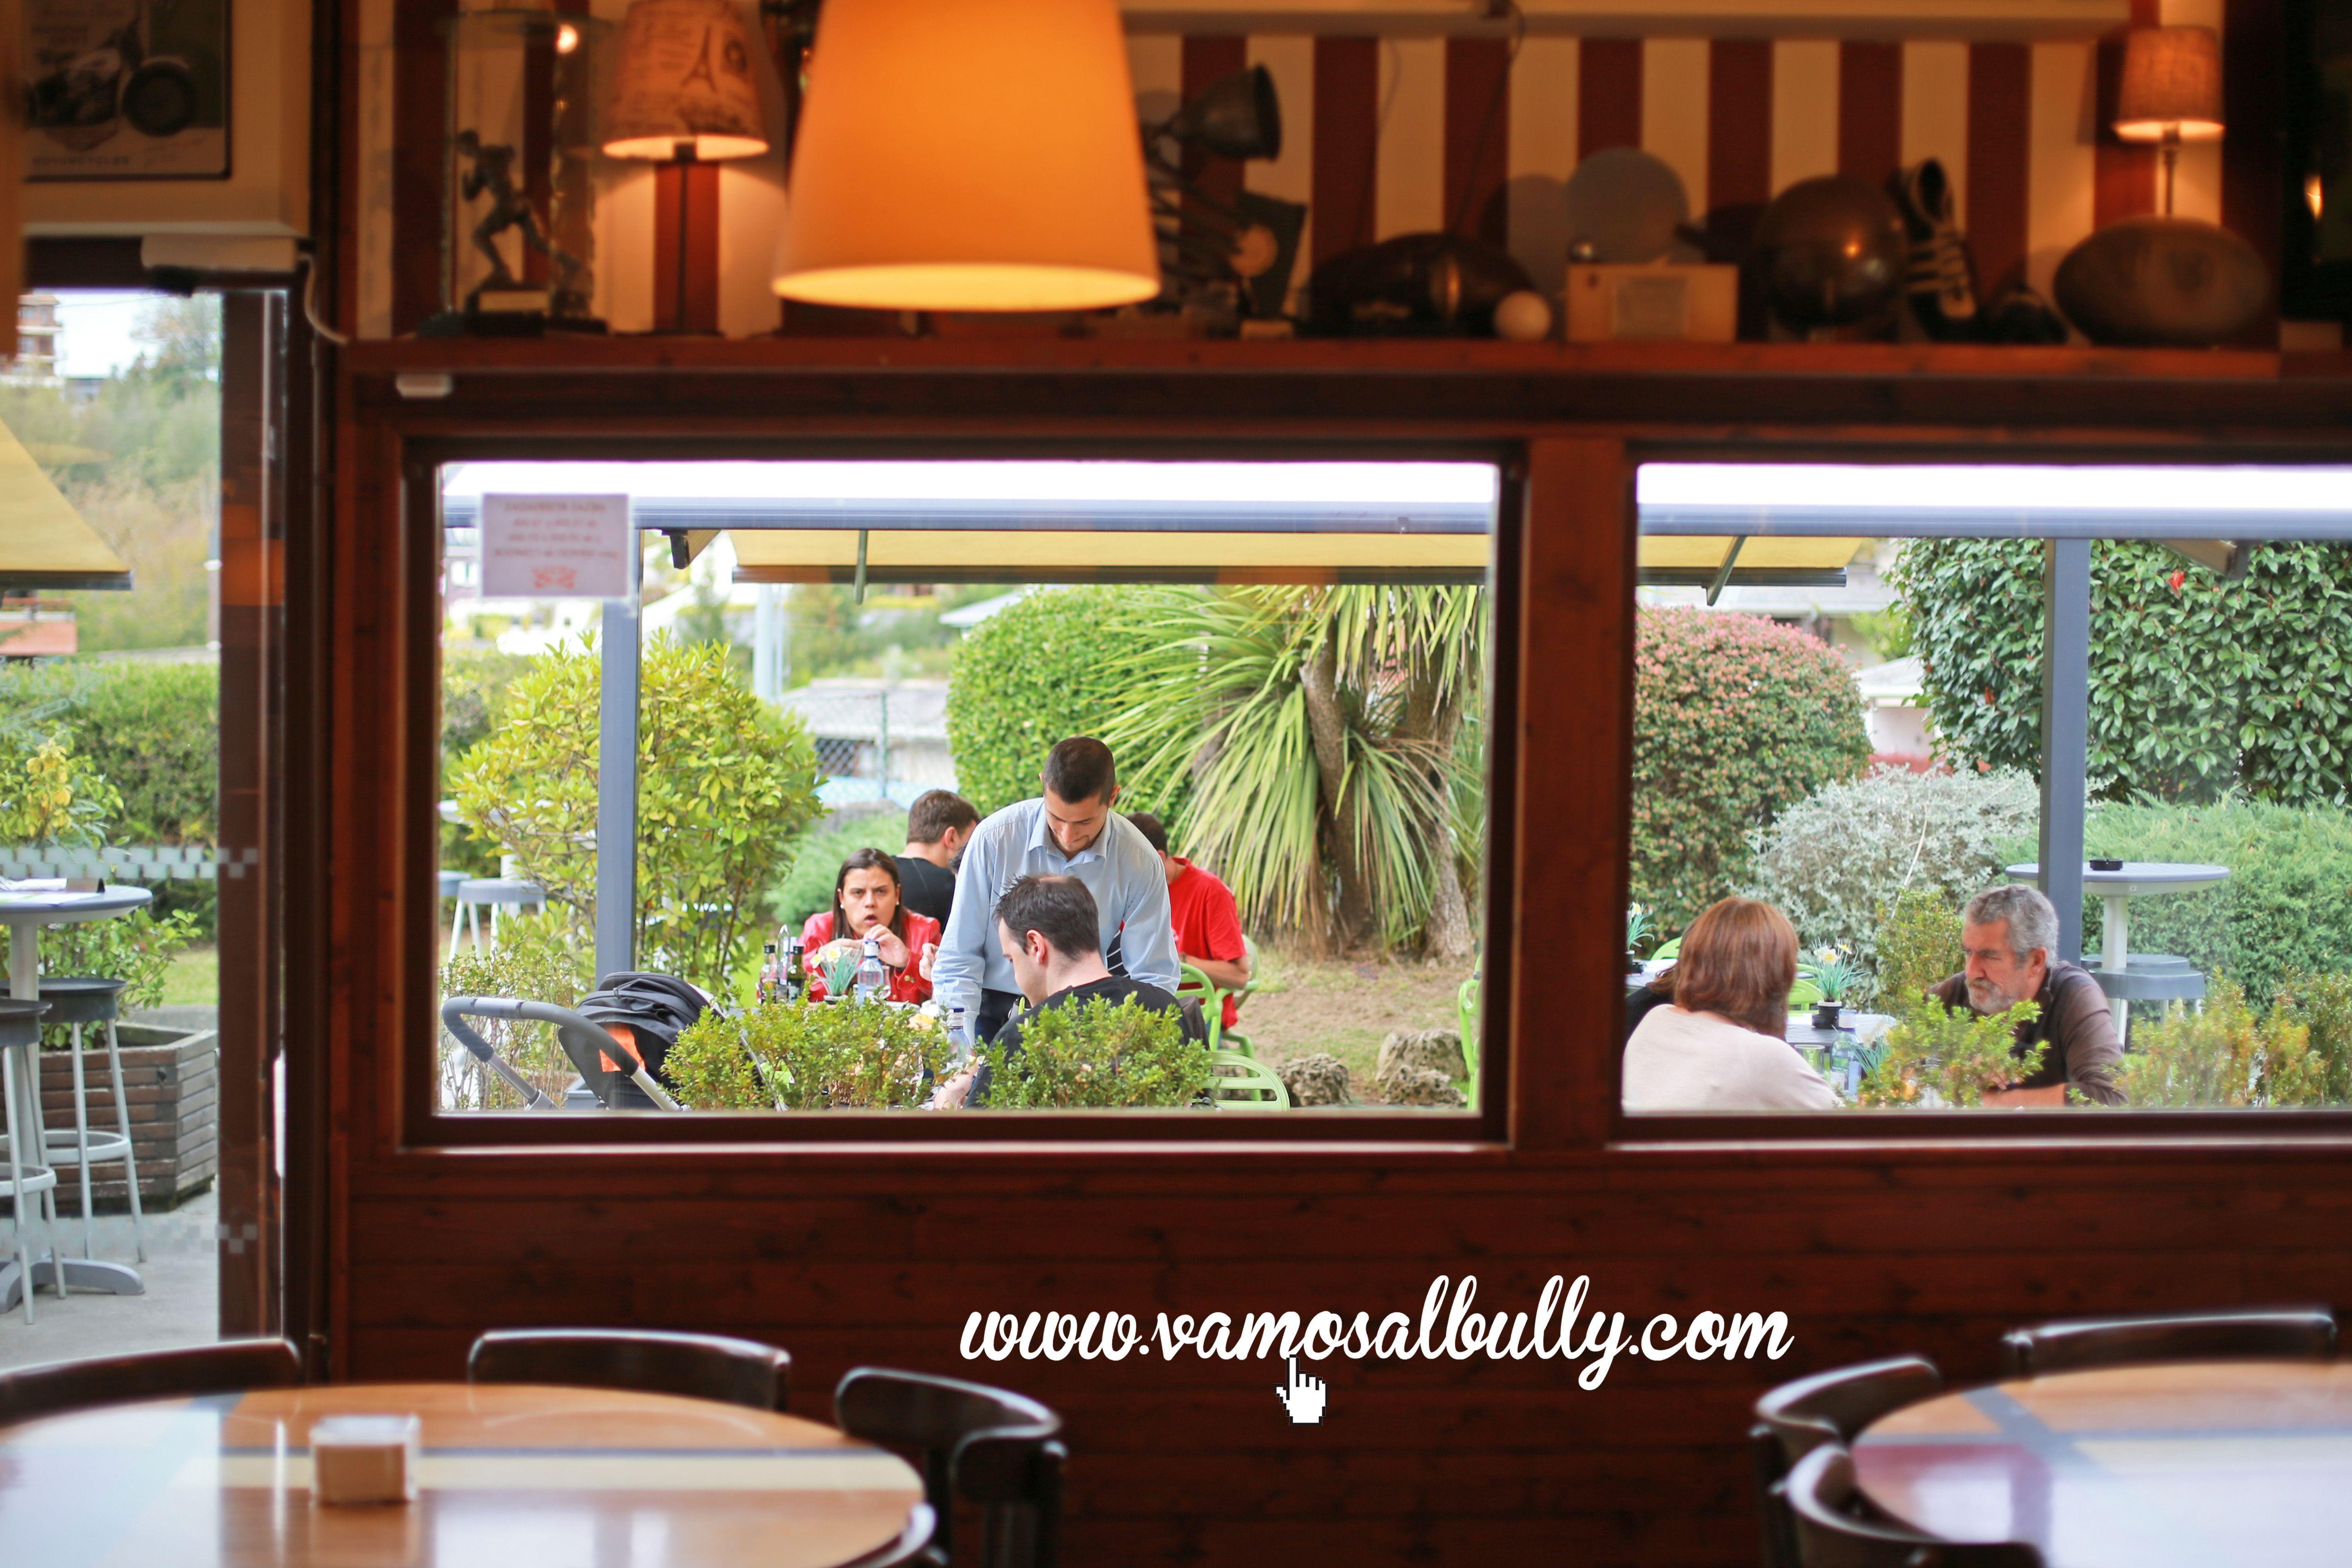 Por fín es #Miernes y muchos os vais de vacaciones de #SemanaSanta Los afortunados que os quedais en #Donostia #SanSebastian podeis venir a desayunar comer o cenar cualquiera de estos días al #vamosalbully. Dentro o en la terraza. Incluso el Lunes que también estaremos abiertos. Eso si si no quereis esperar llamad al 943 21 42 87 y reservad. Feliz #SemanaSanta a tod@s